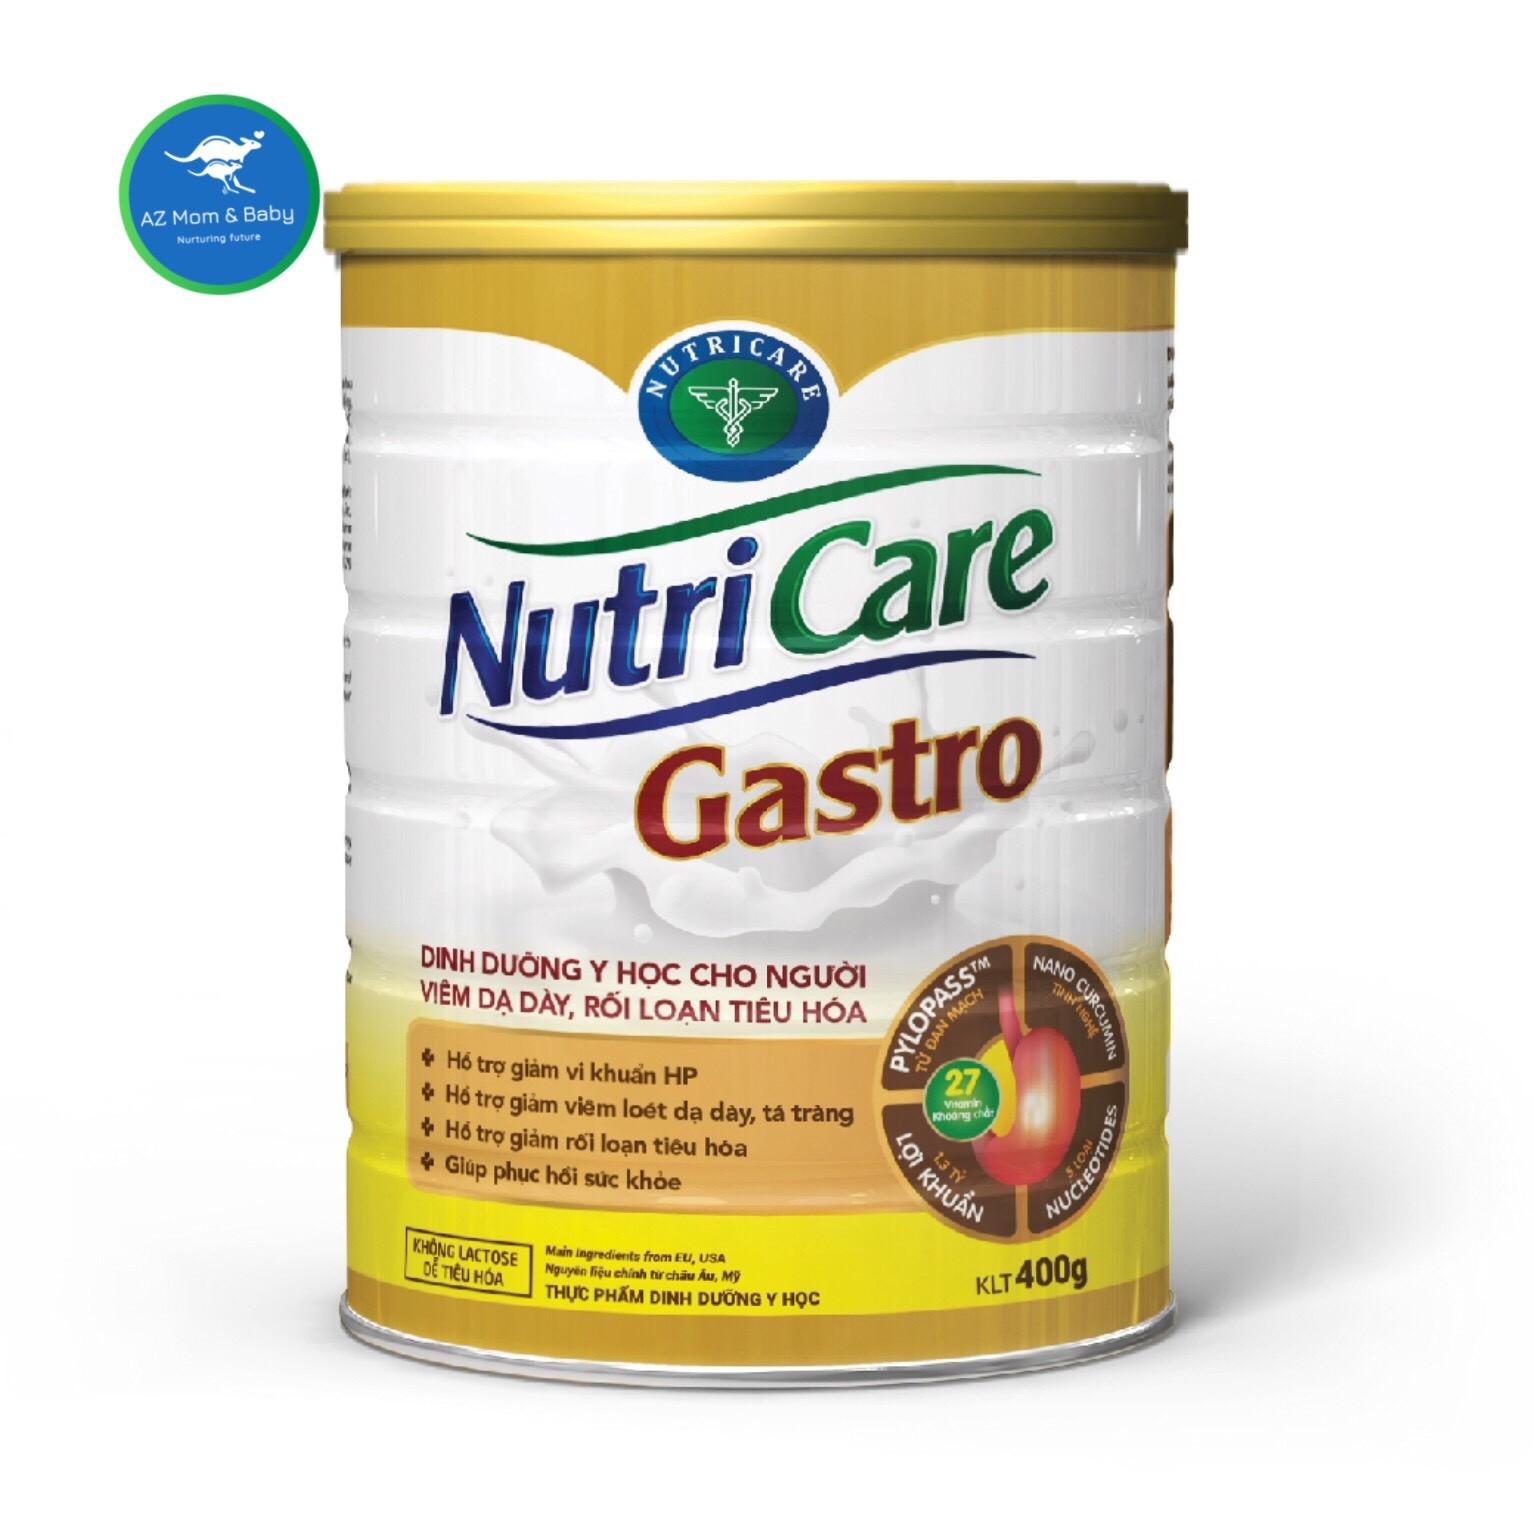 Sữa Nutricare Gastro 400G dành cho người viêm dạ dày, rối loạn tiêu hóa